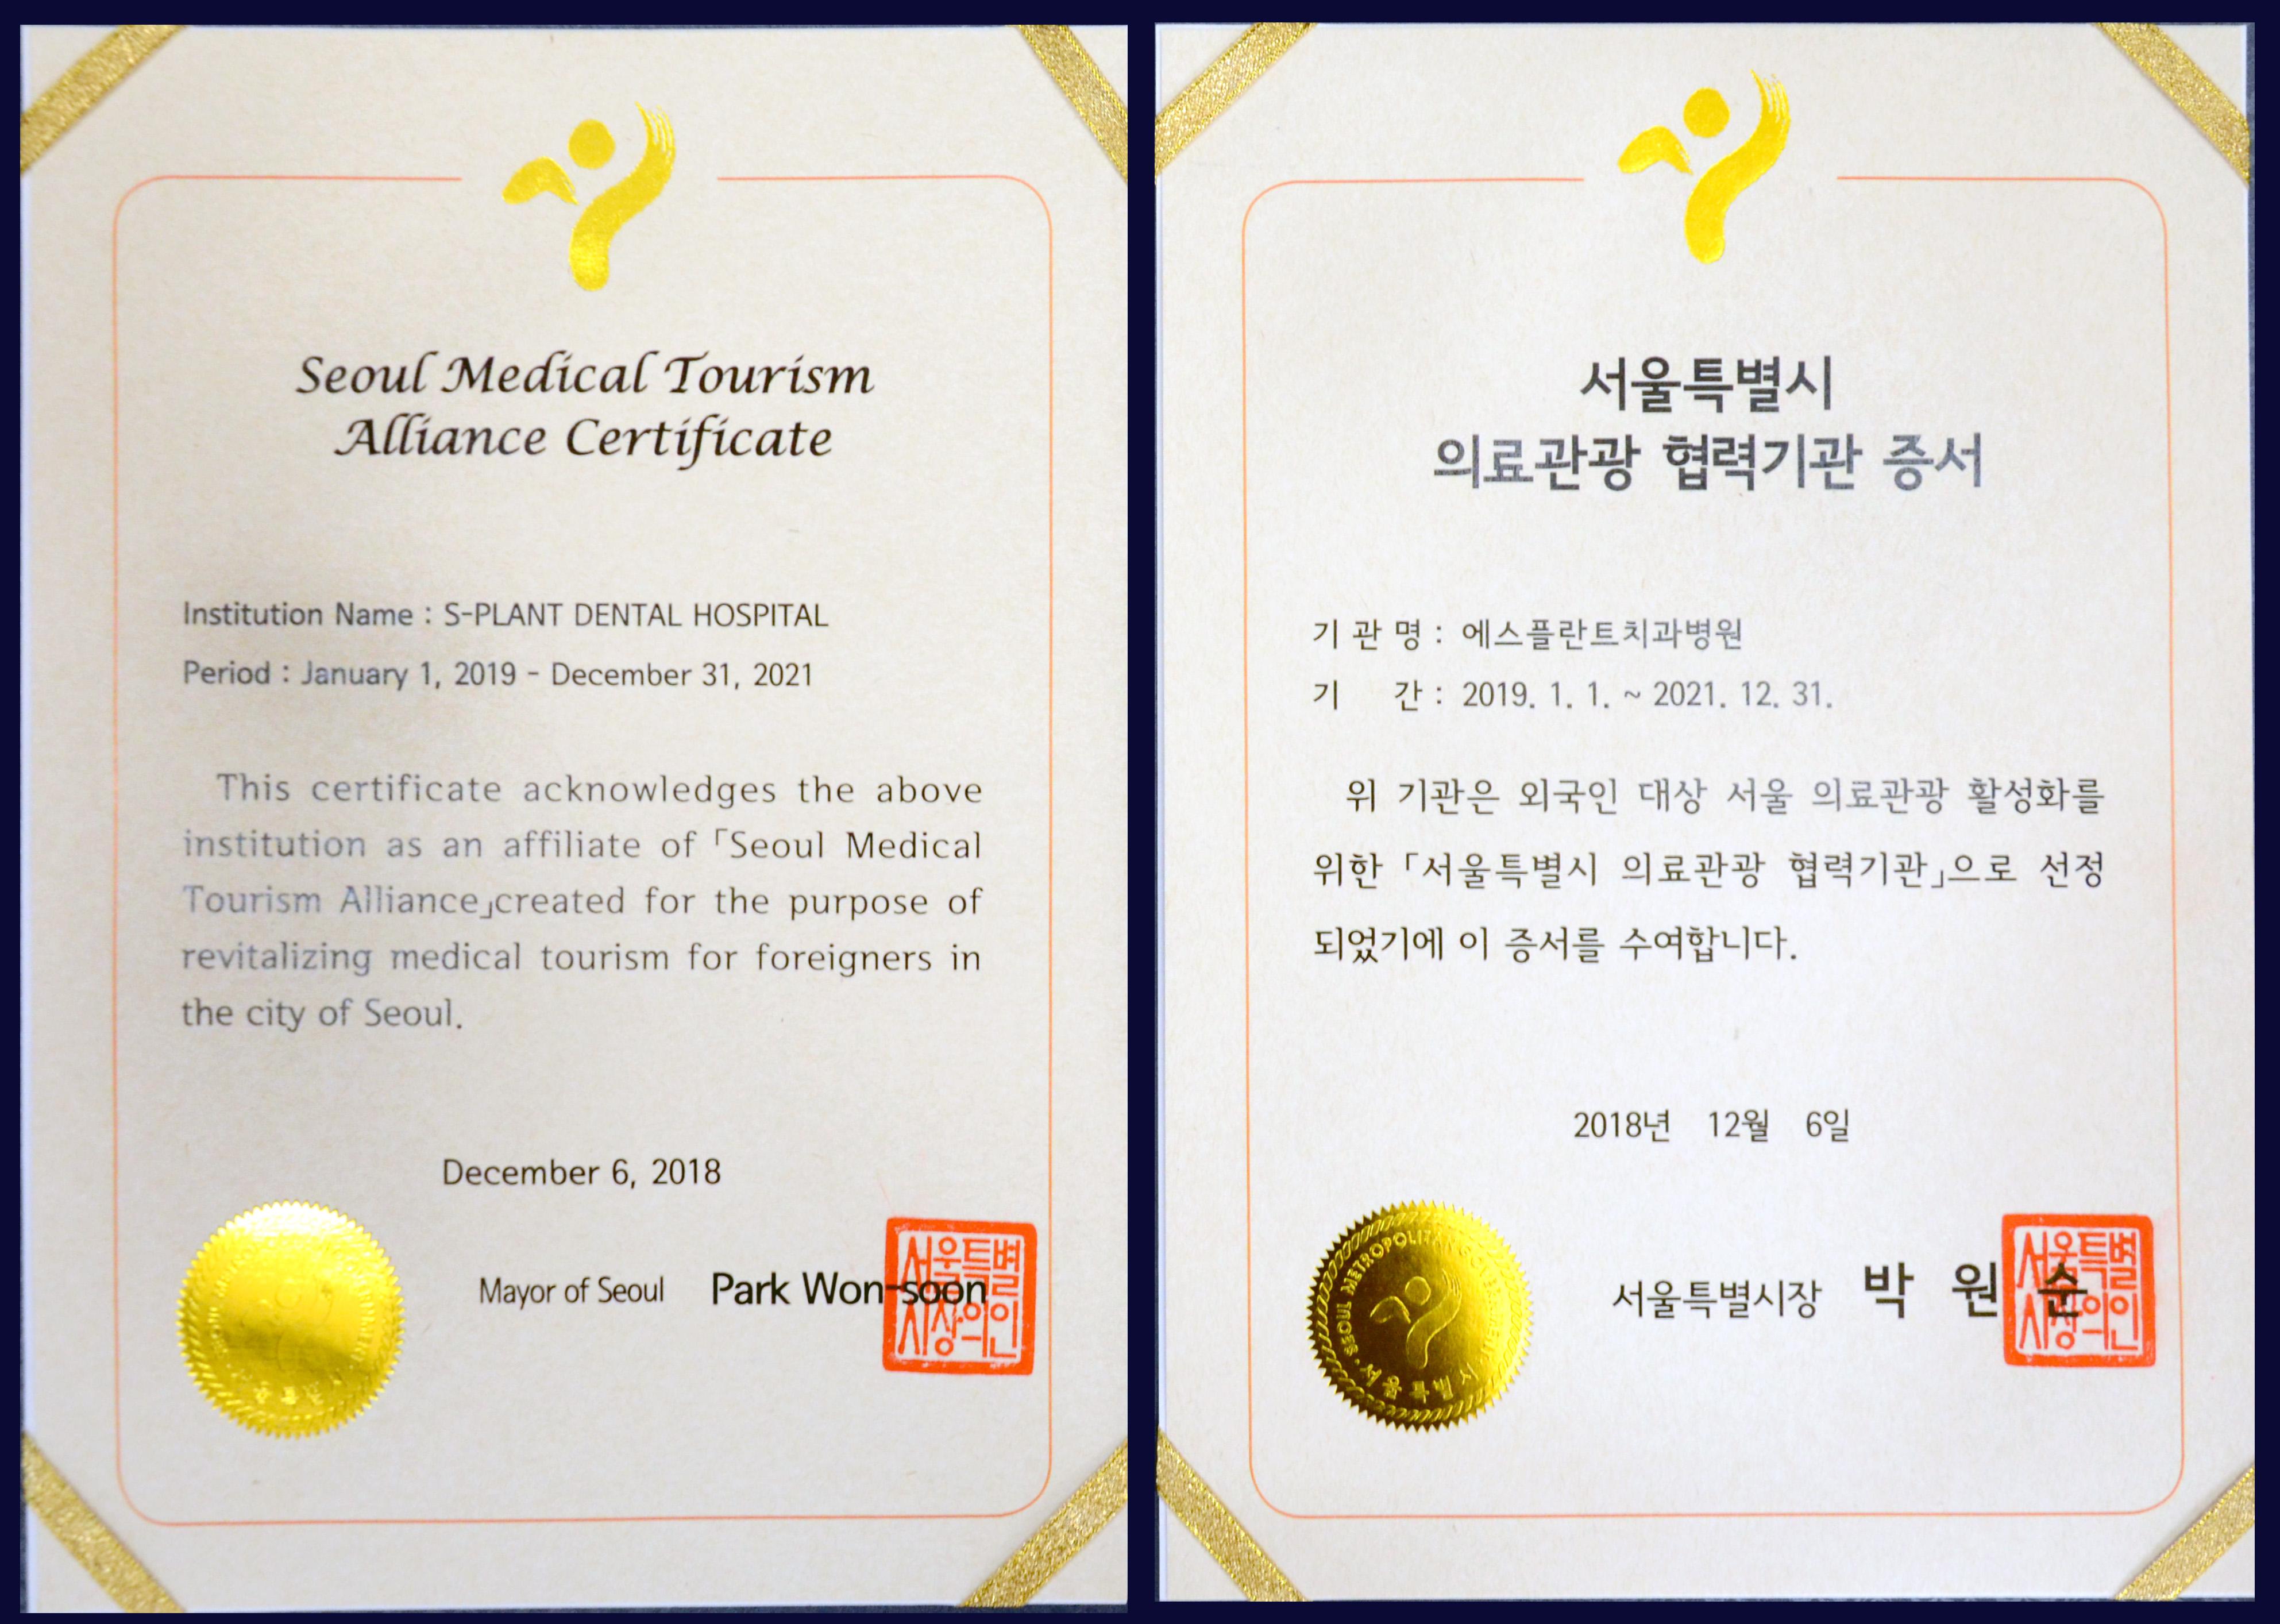 서울의료관광협력기관증서_에스플란트치과병원